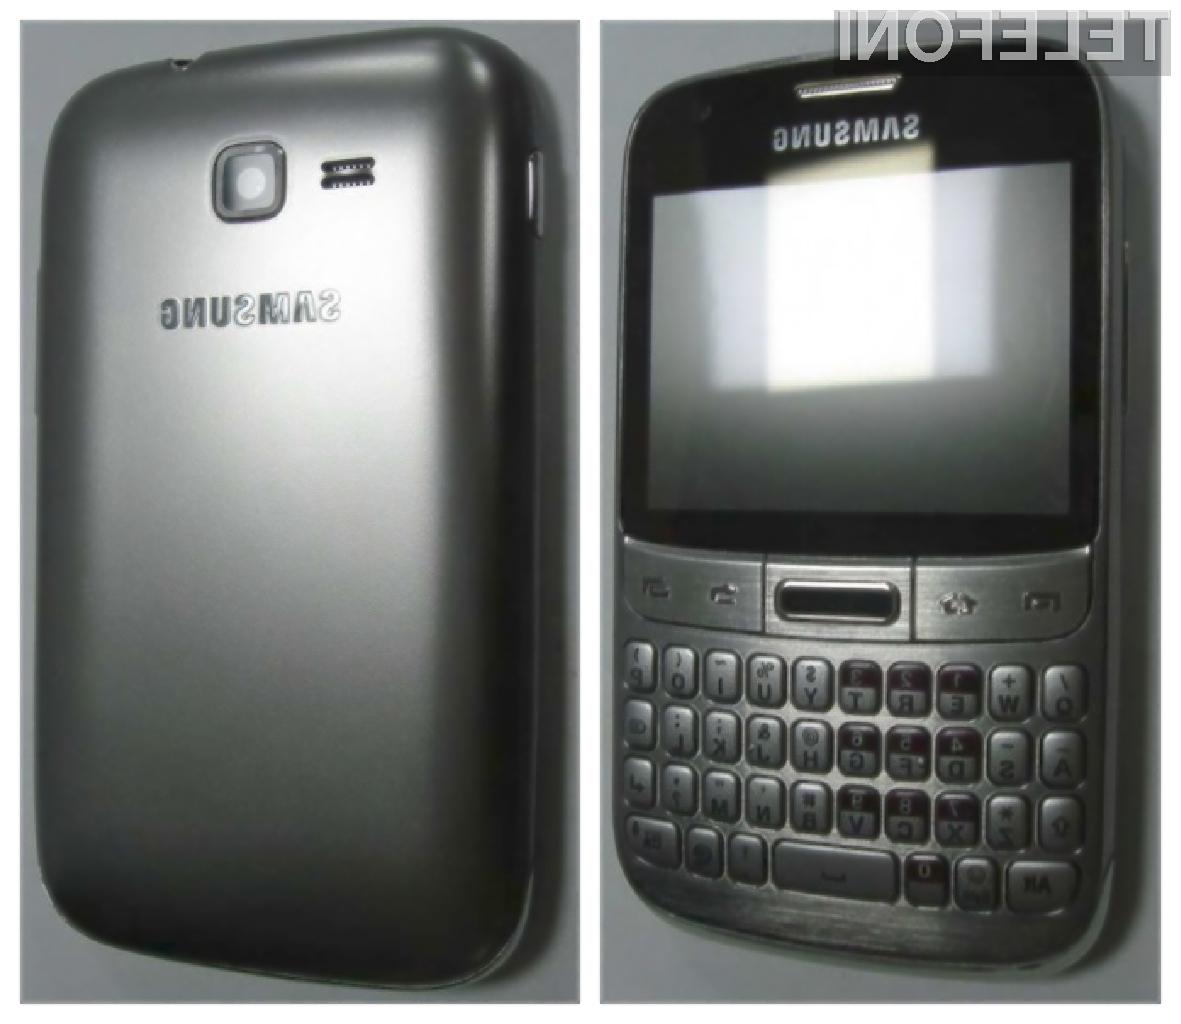 Ljubitelji fizičnih tipkovnic že nestrpno čakajo na prihod mobilnka Samsung Galaxy M Pro 2.